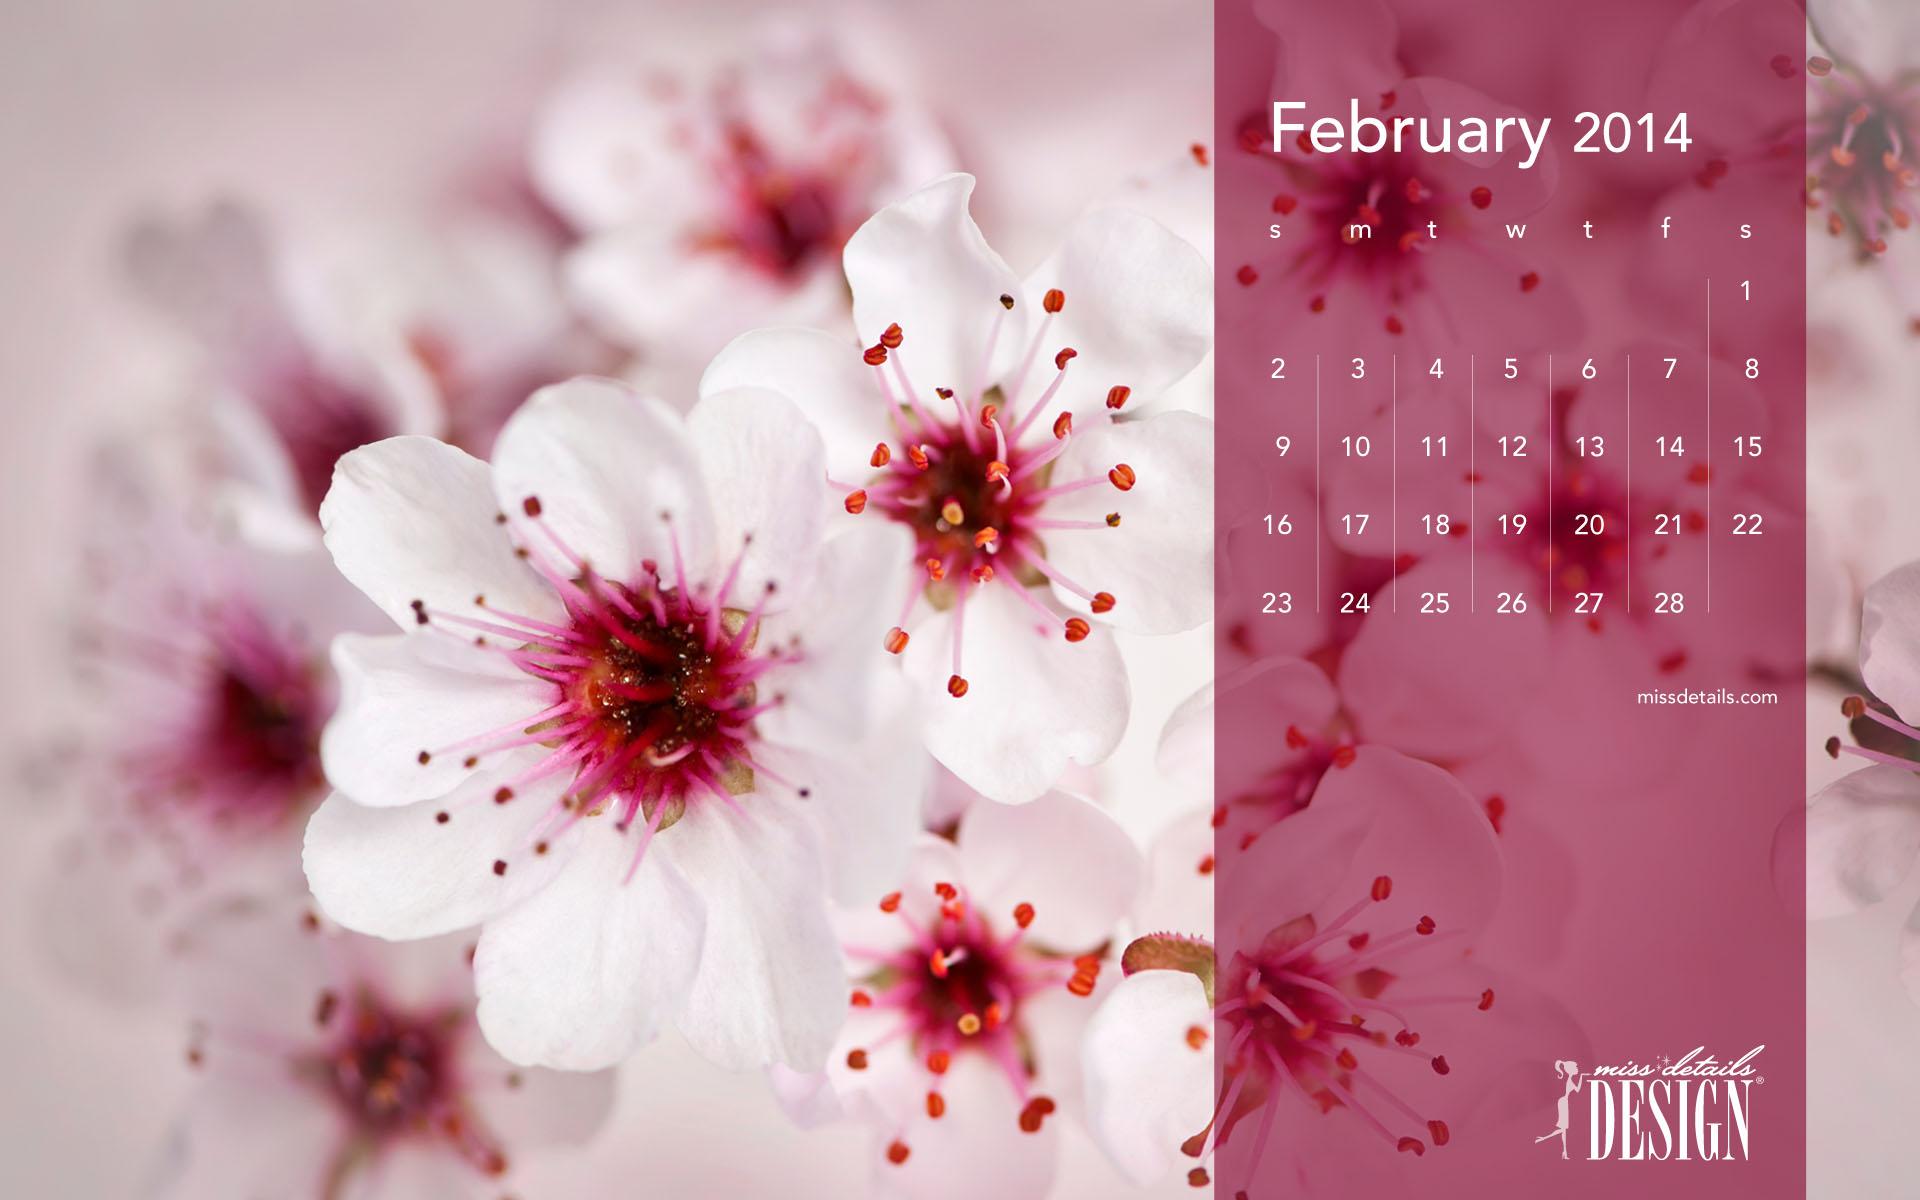 inspiring February desktop calendar from missdetailscom 1920x1200